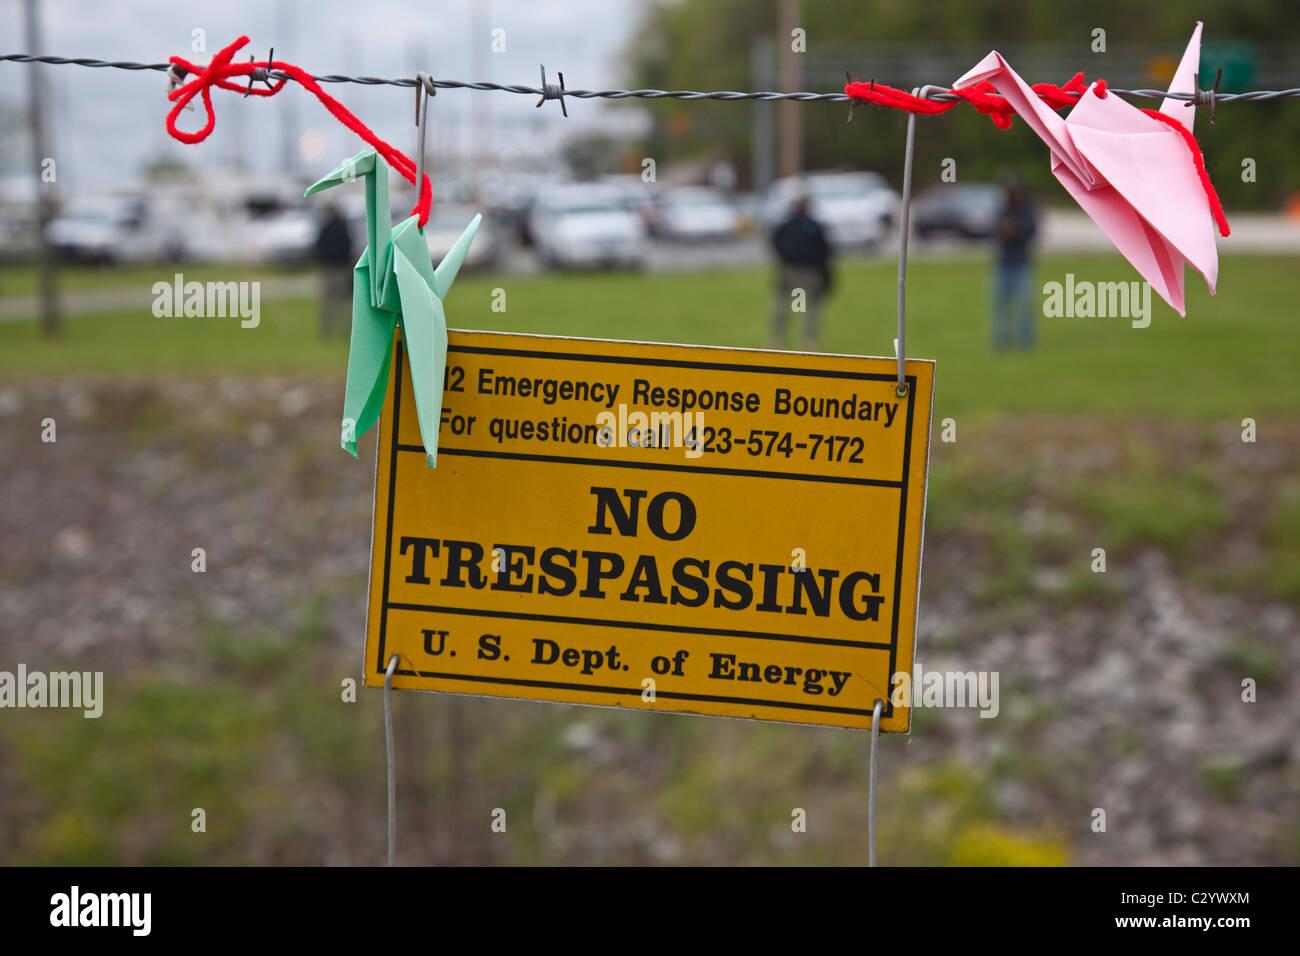 Friedensaktivisten protestieren Atomwaffen Produktion in Oak Ridge Waffen Einrichtung Stockbild